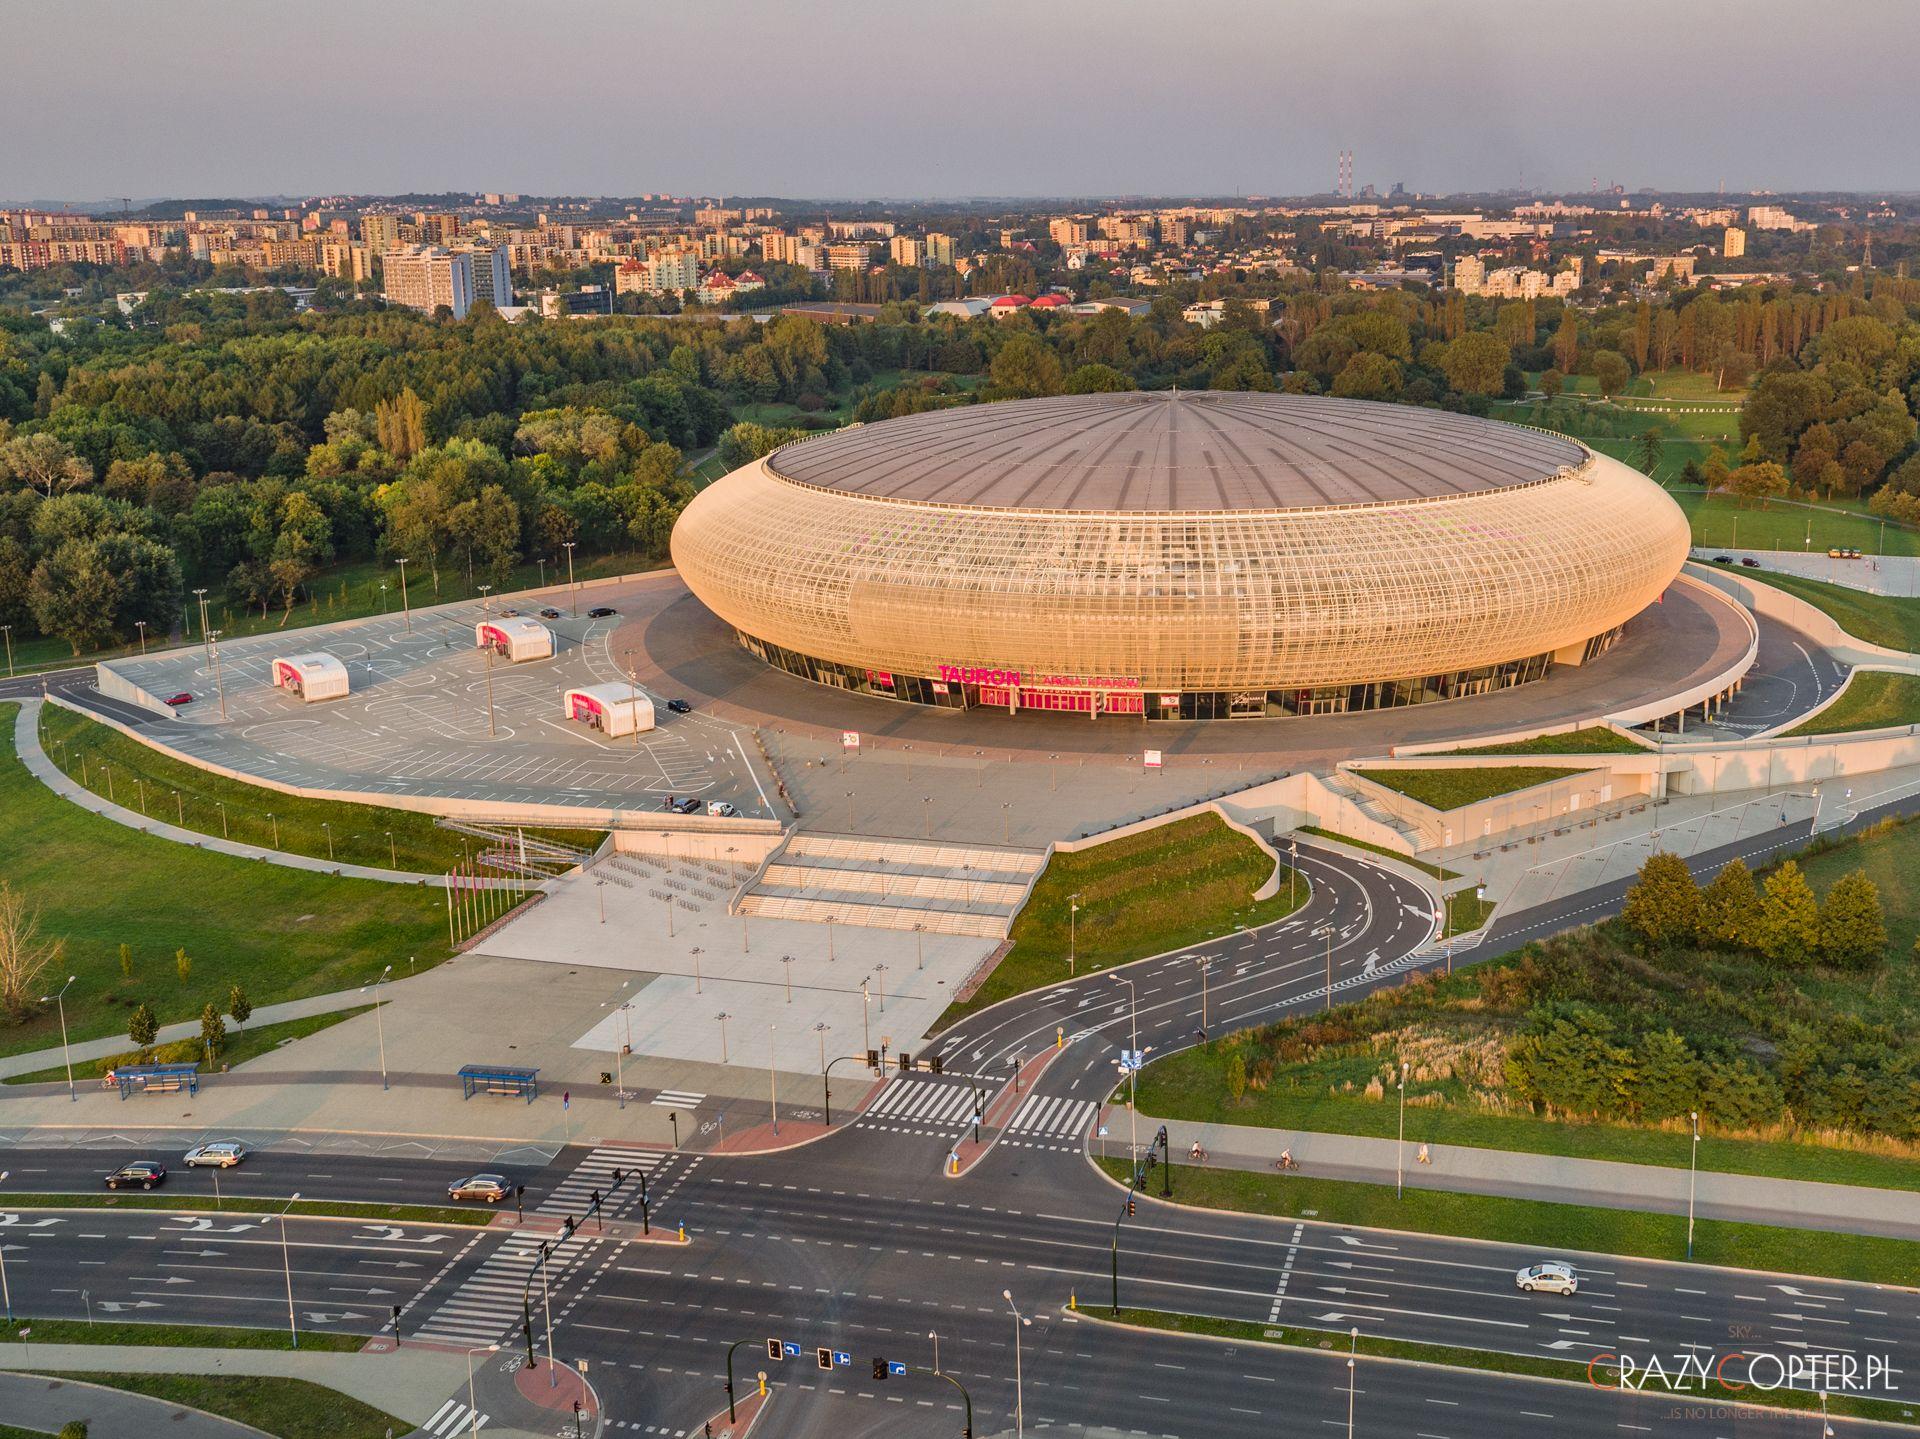 Tauron Arena wKrakowie - zdjęcie zdrona